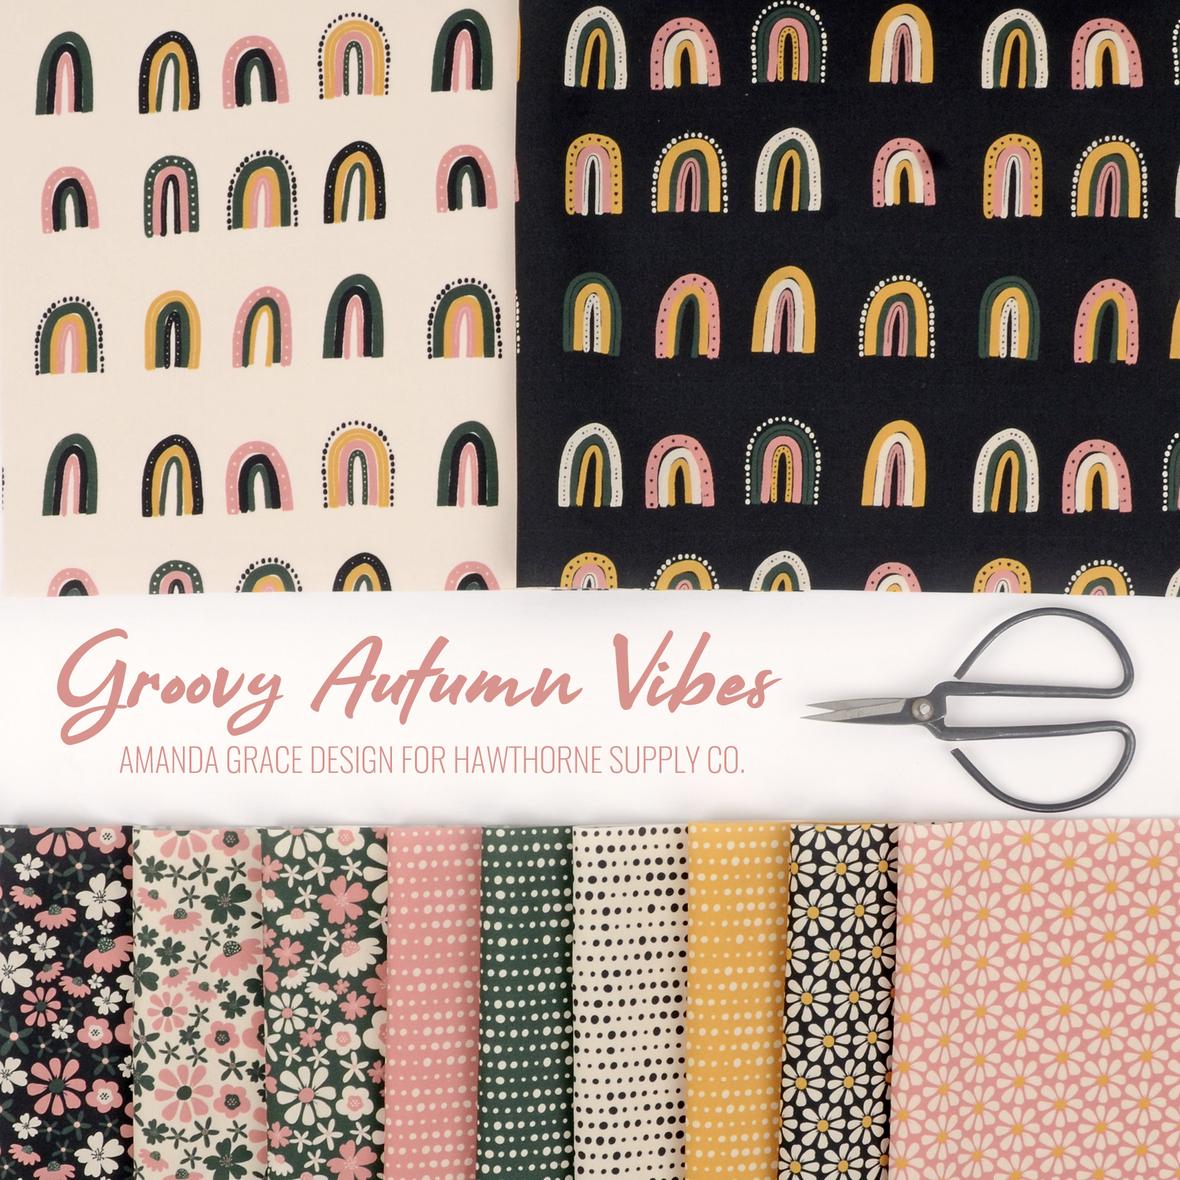 Groovy Autumn Vibes Amanda Grace fabric for Hawthorne Supply Co b